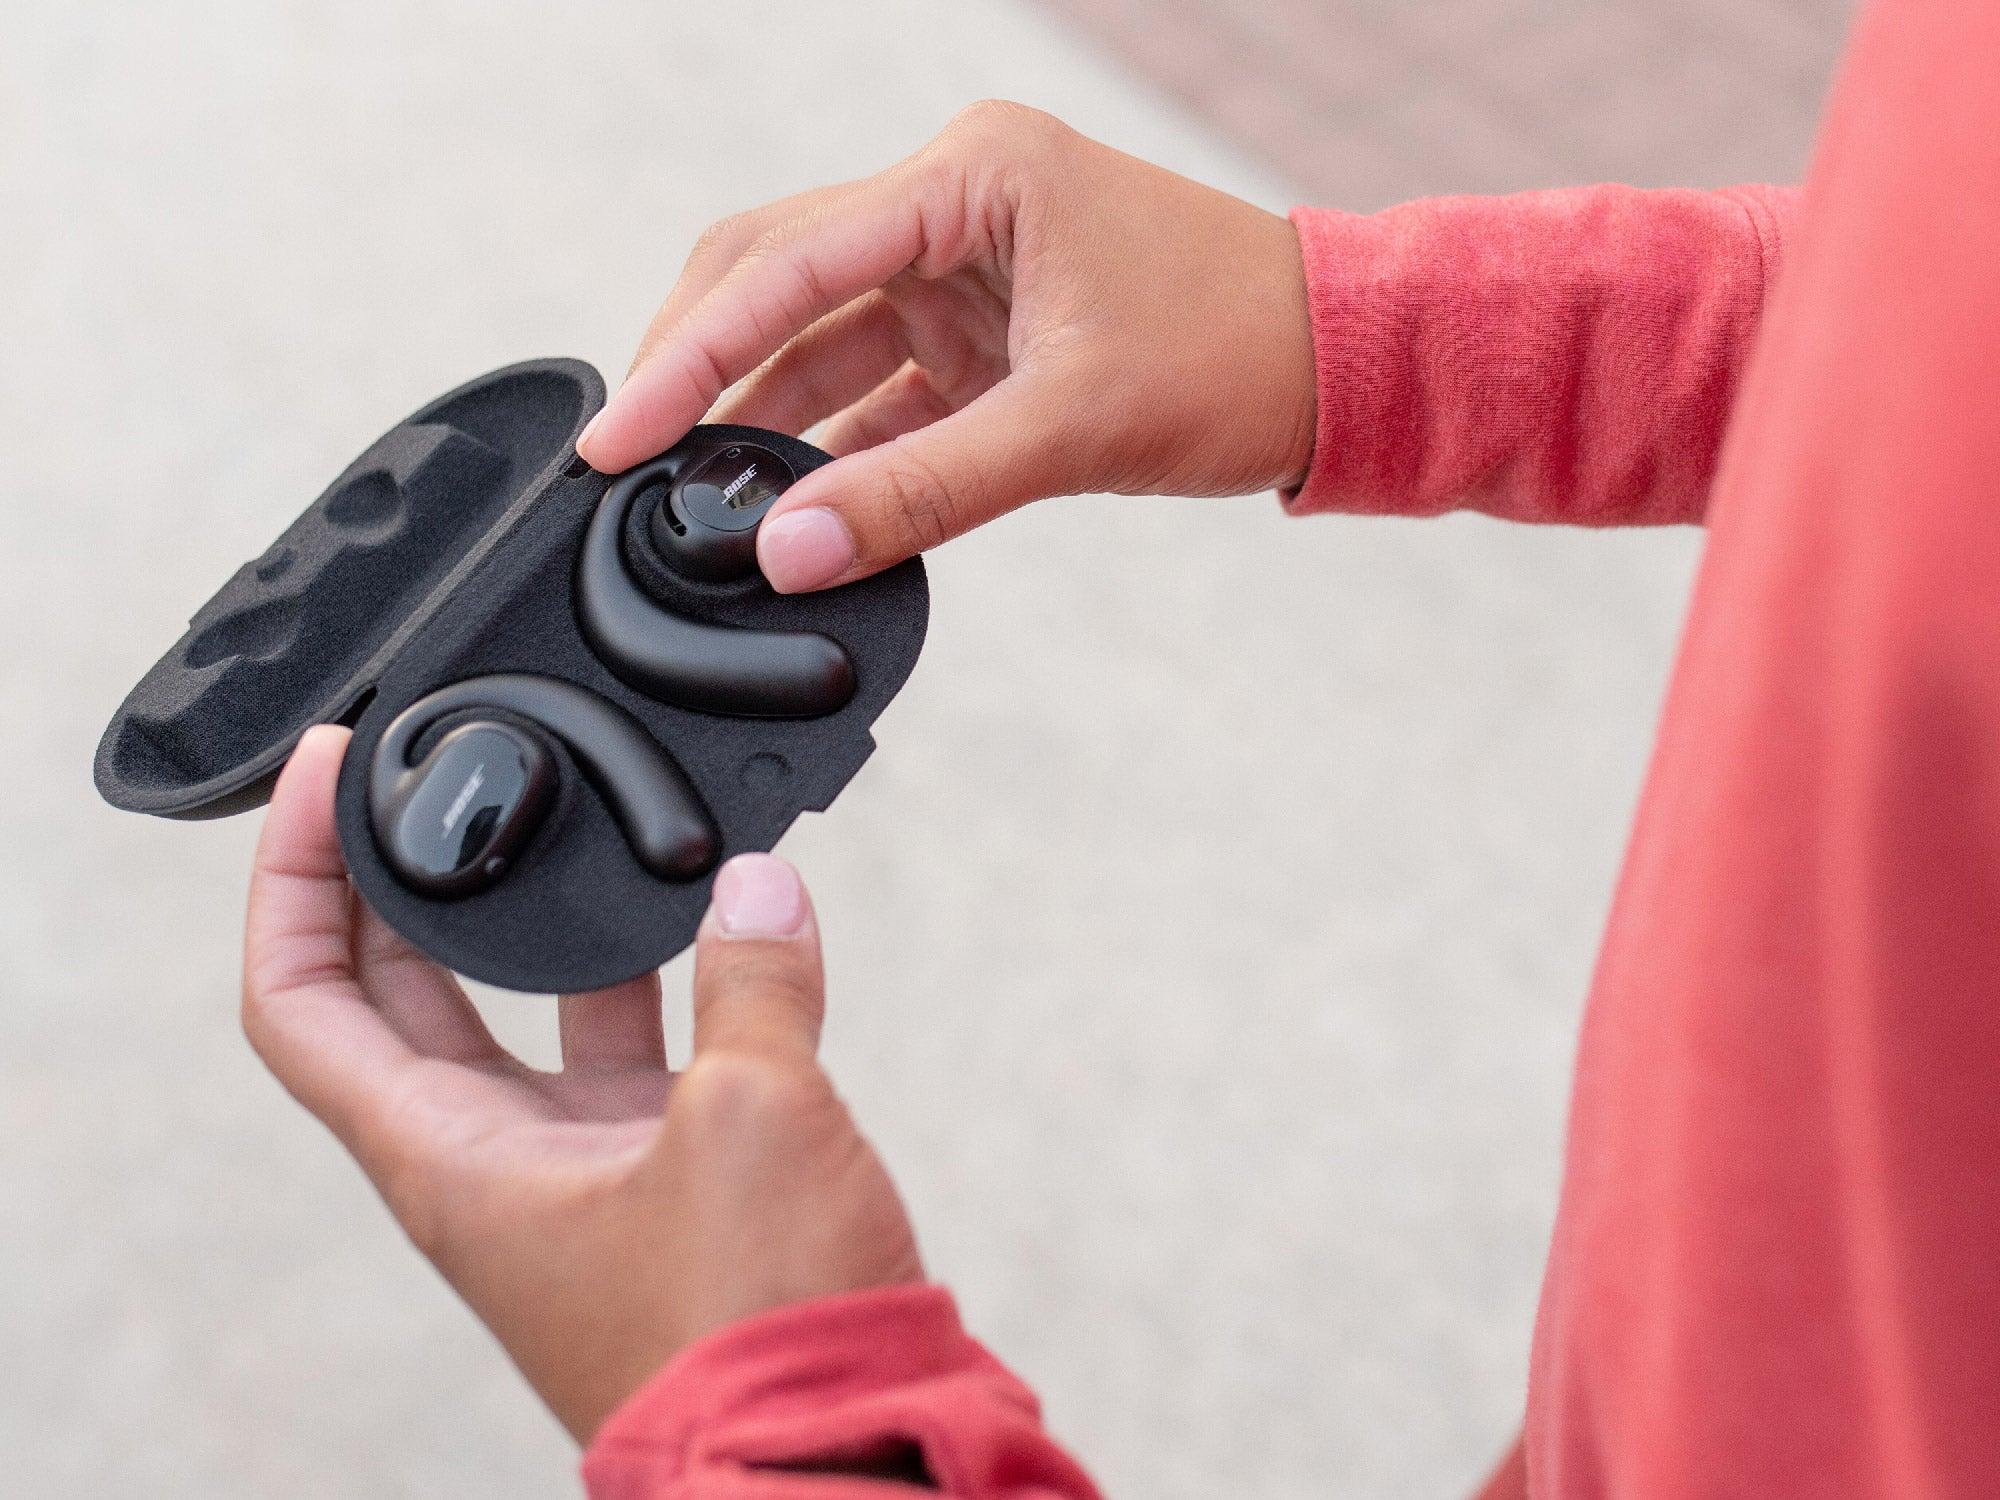 Bose Open Sport Wireless Earbuds in their case.